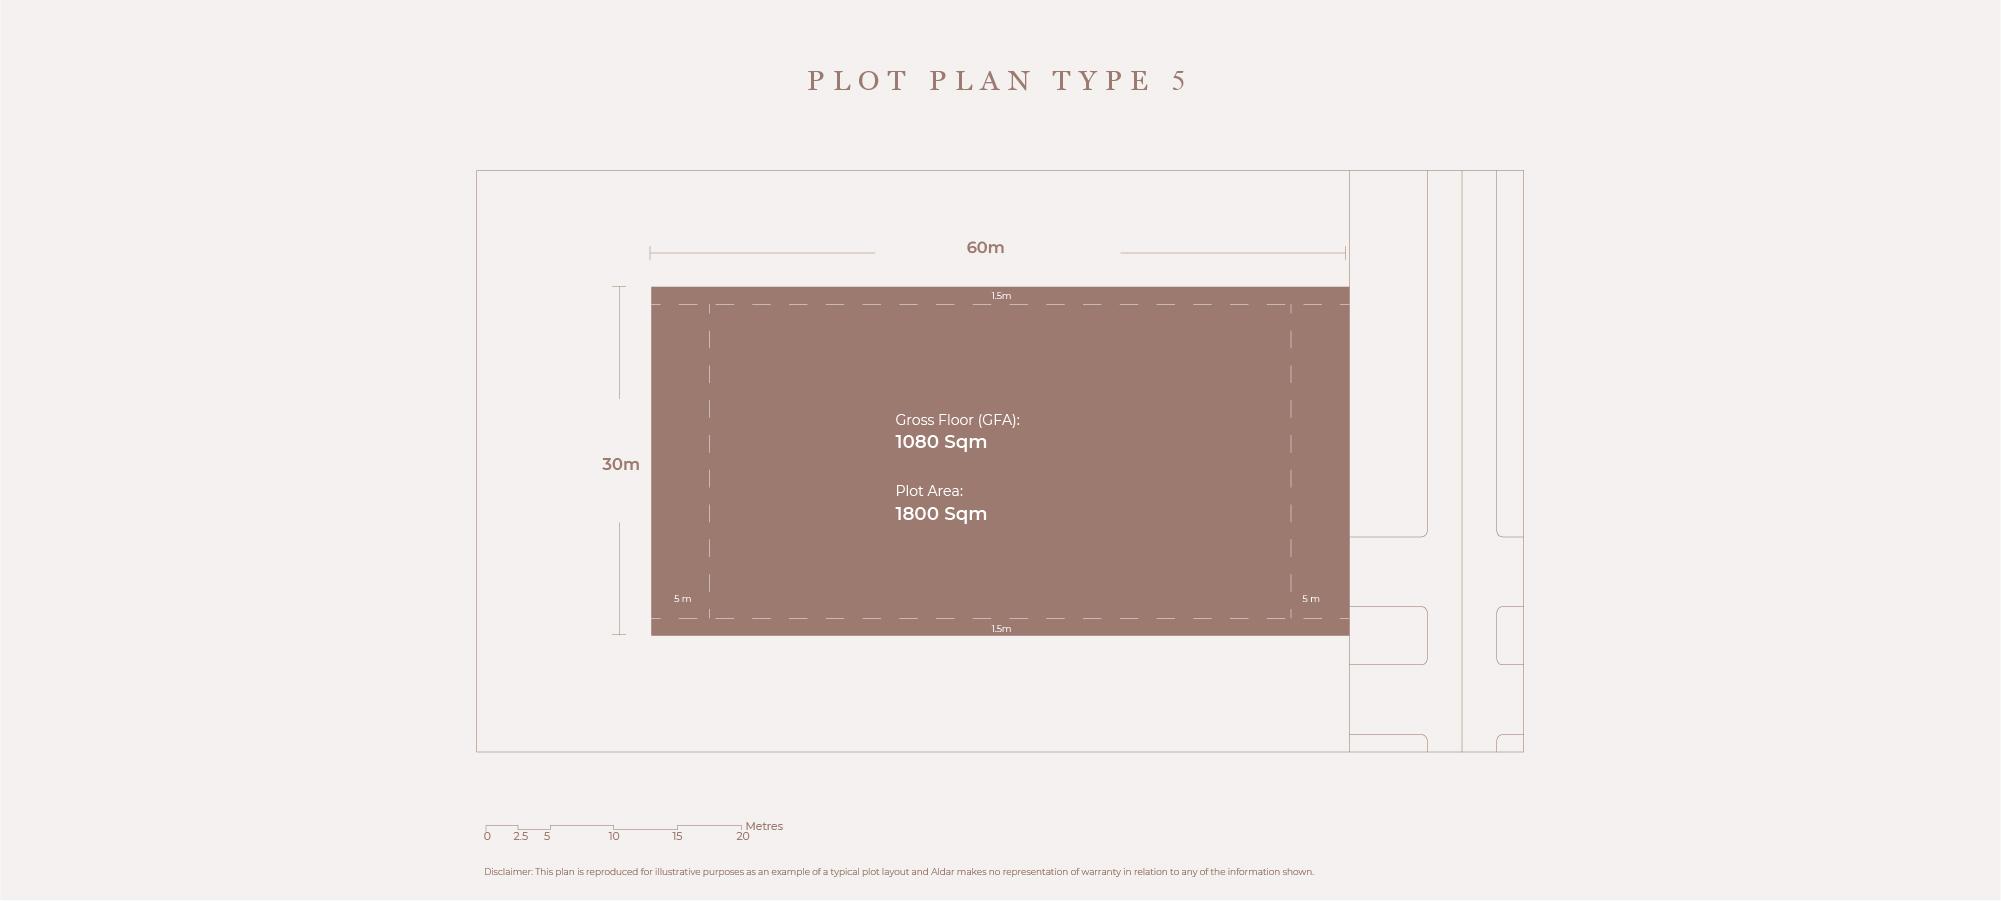 Plots Plan Type 5, Size 1800 Sqm